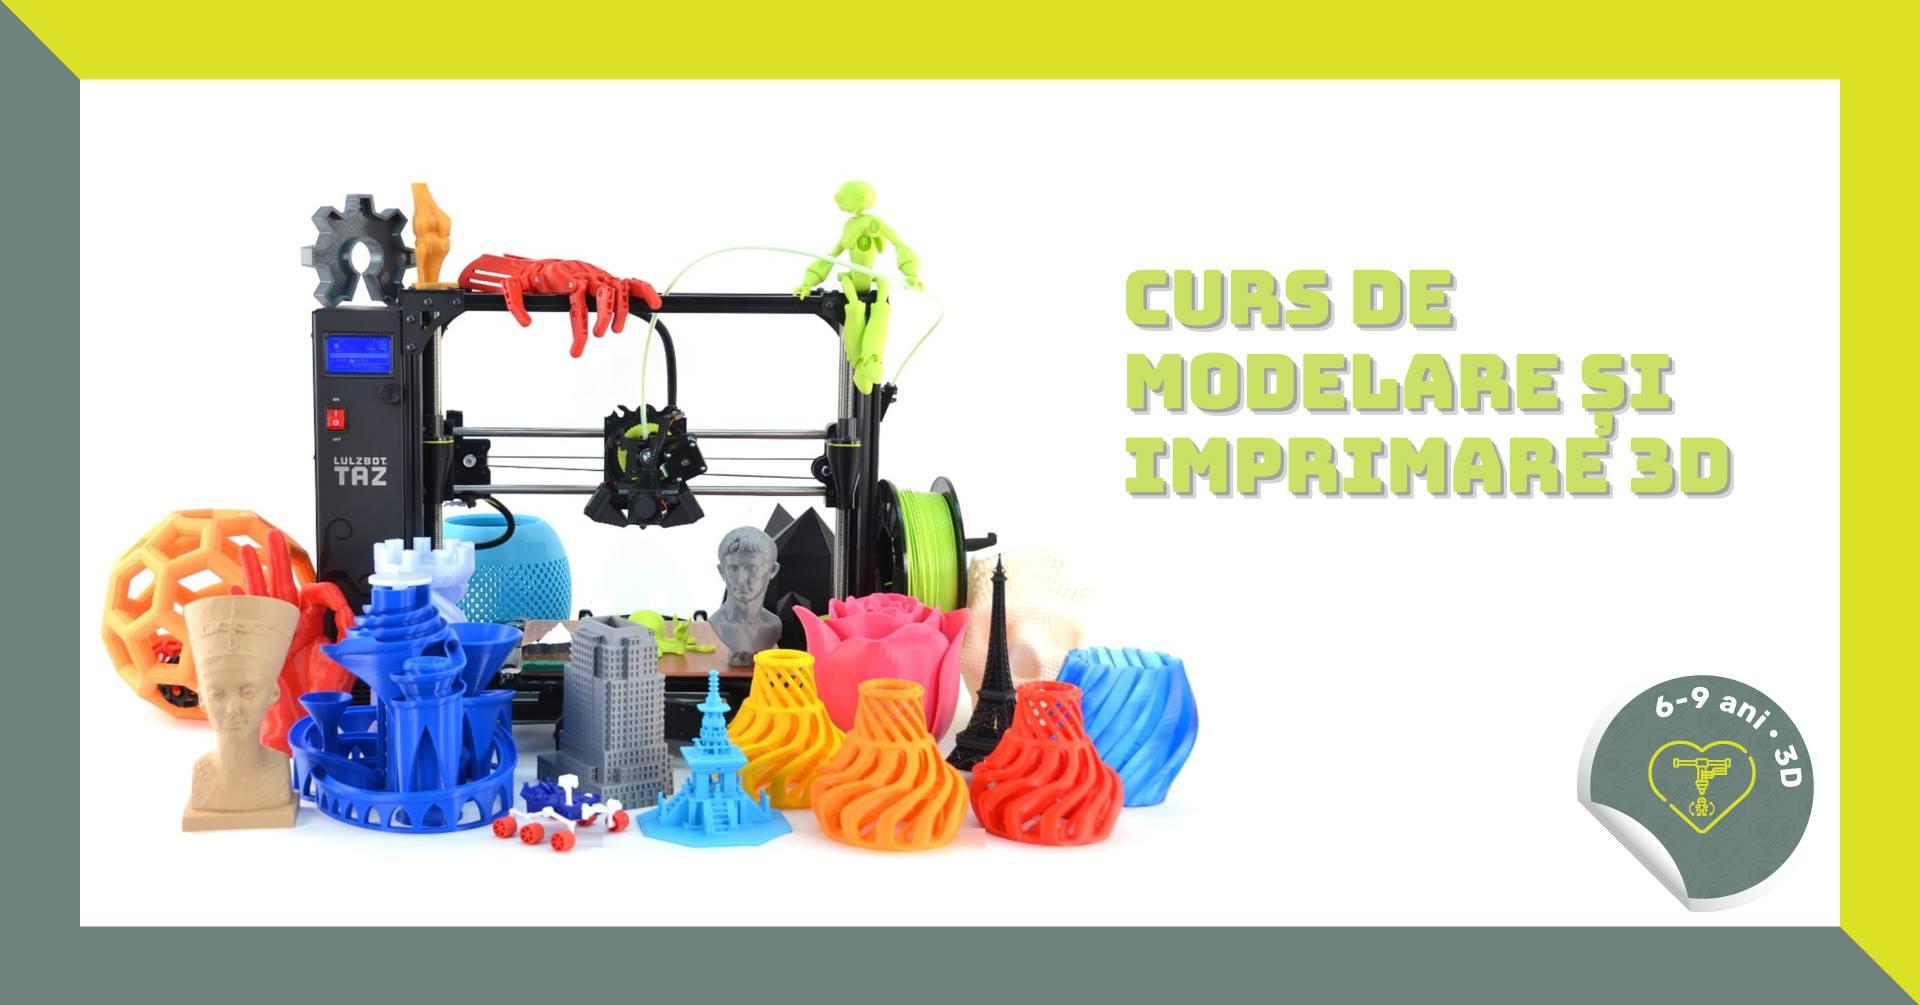 Modelare și imprimare 3D, 6-9 ani